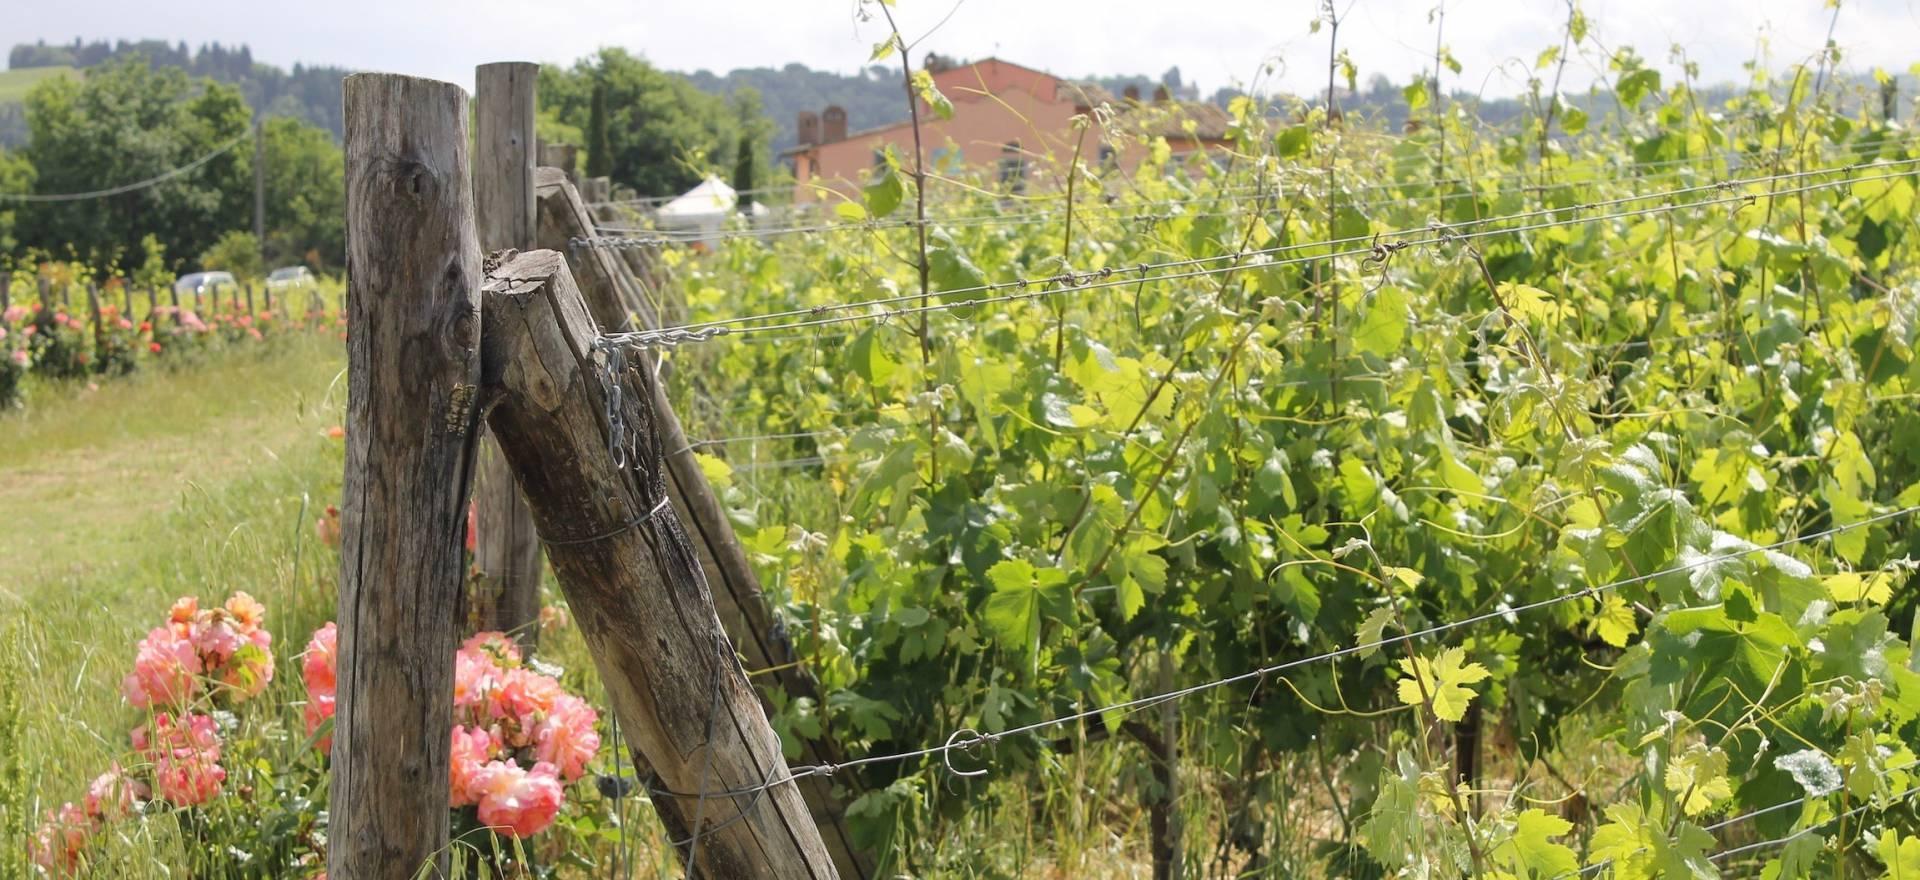 Agriturismo Toscane Wijnboerderij op een heuvel in het Chiantigebied